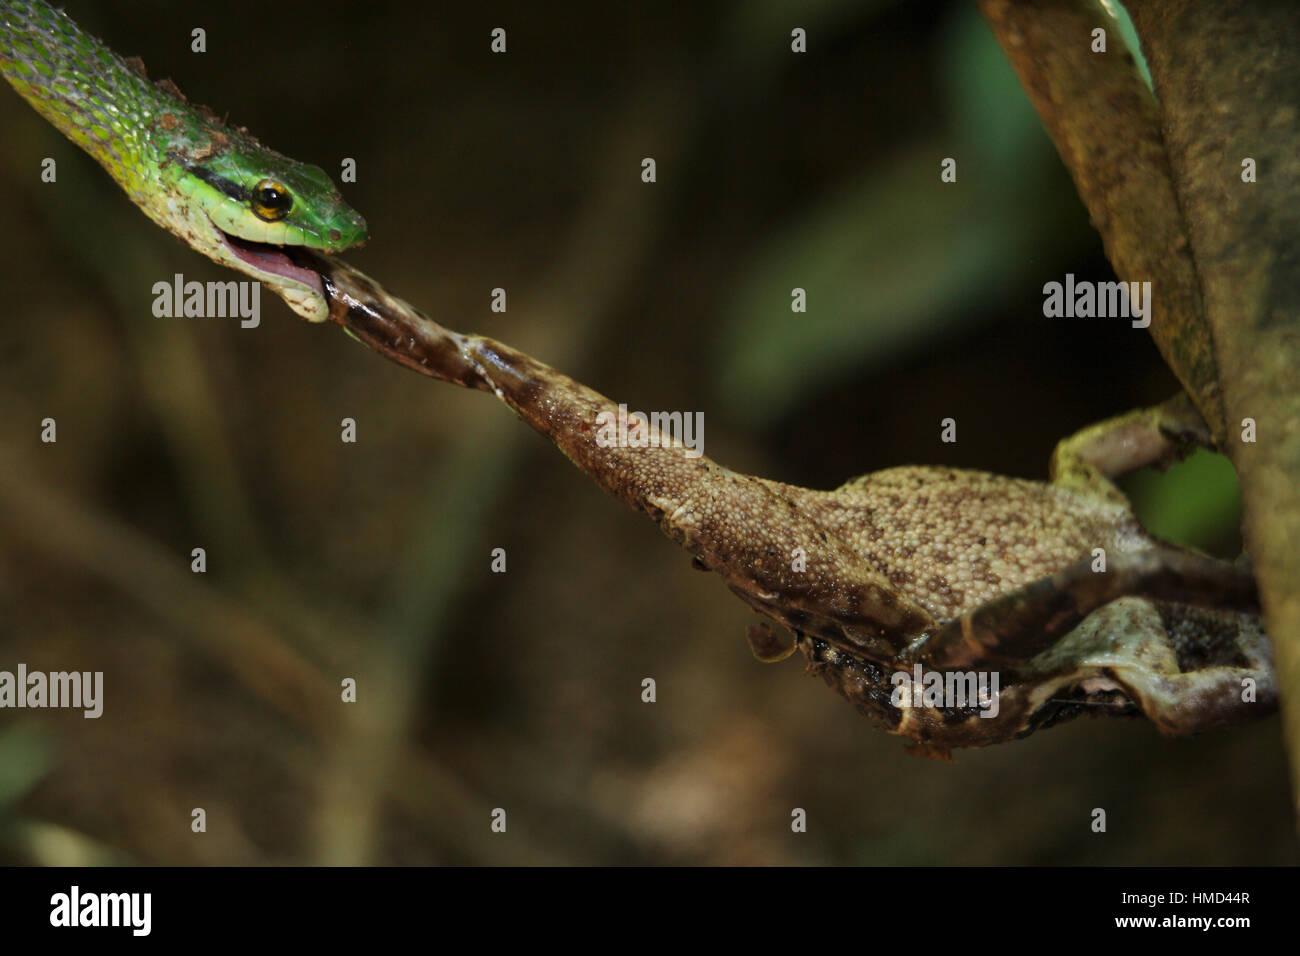 Perroquet vert serpent (Leptophis ahaetulla) prendre une à peau lisse (Bufo) haematiticus sur une rive du fleuve. Parc national de Corcovado, péninsule d'Osa, C Banque D'Images